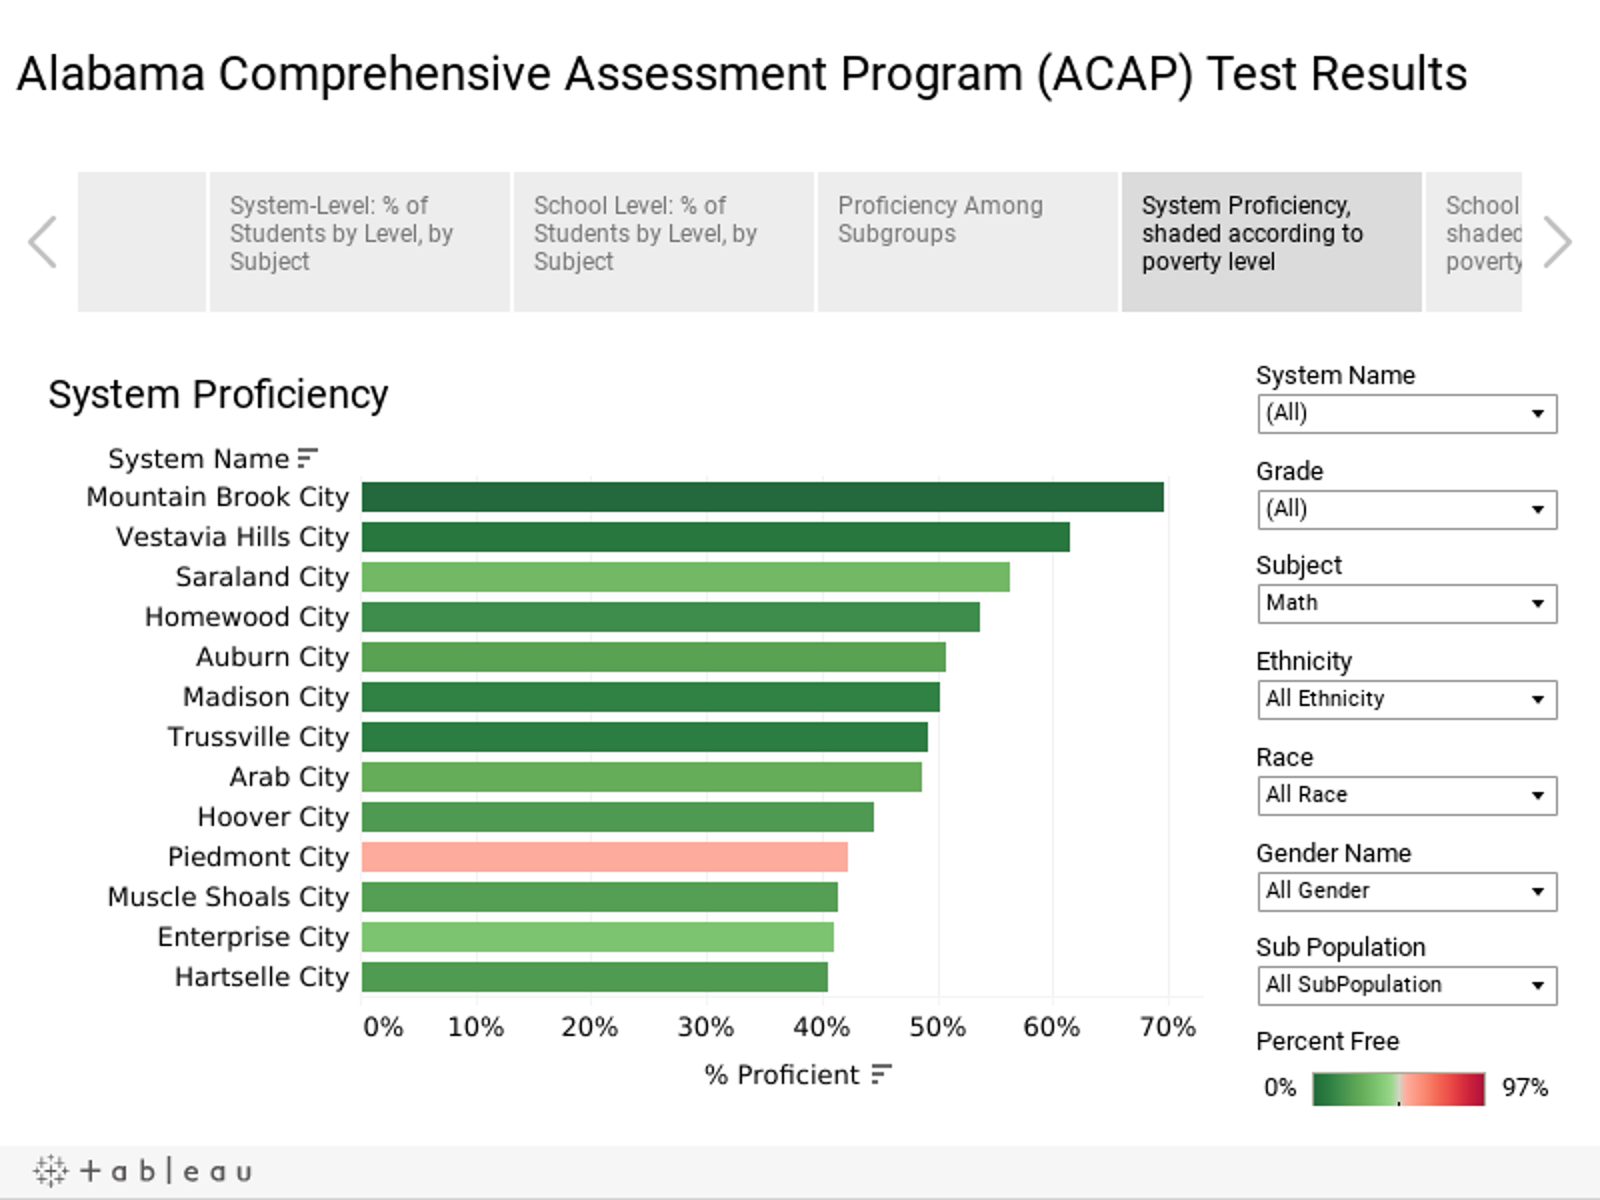 Alabama Comprehensive Assessment Program (ACAP) Test Results